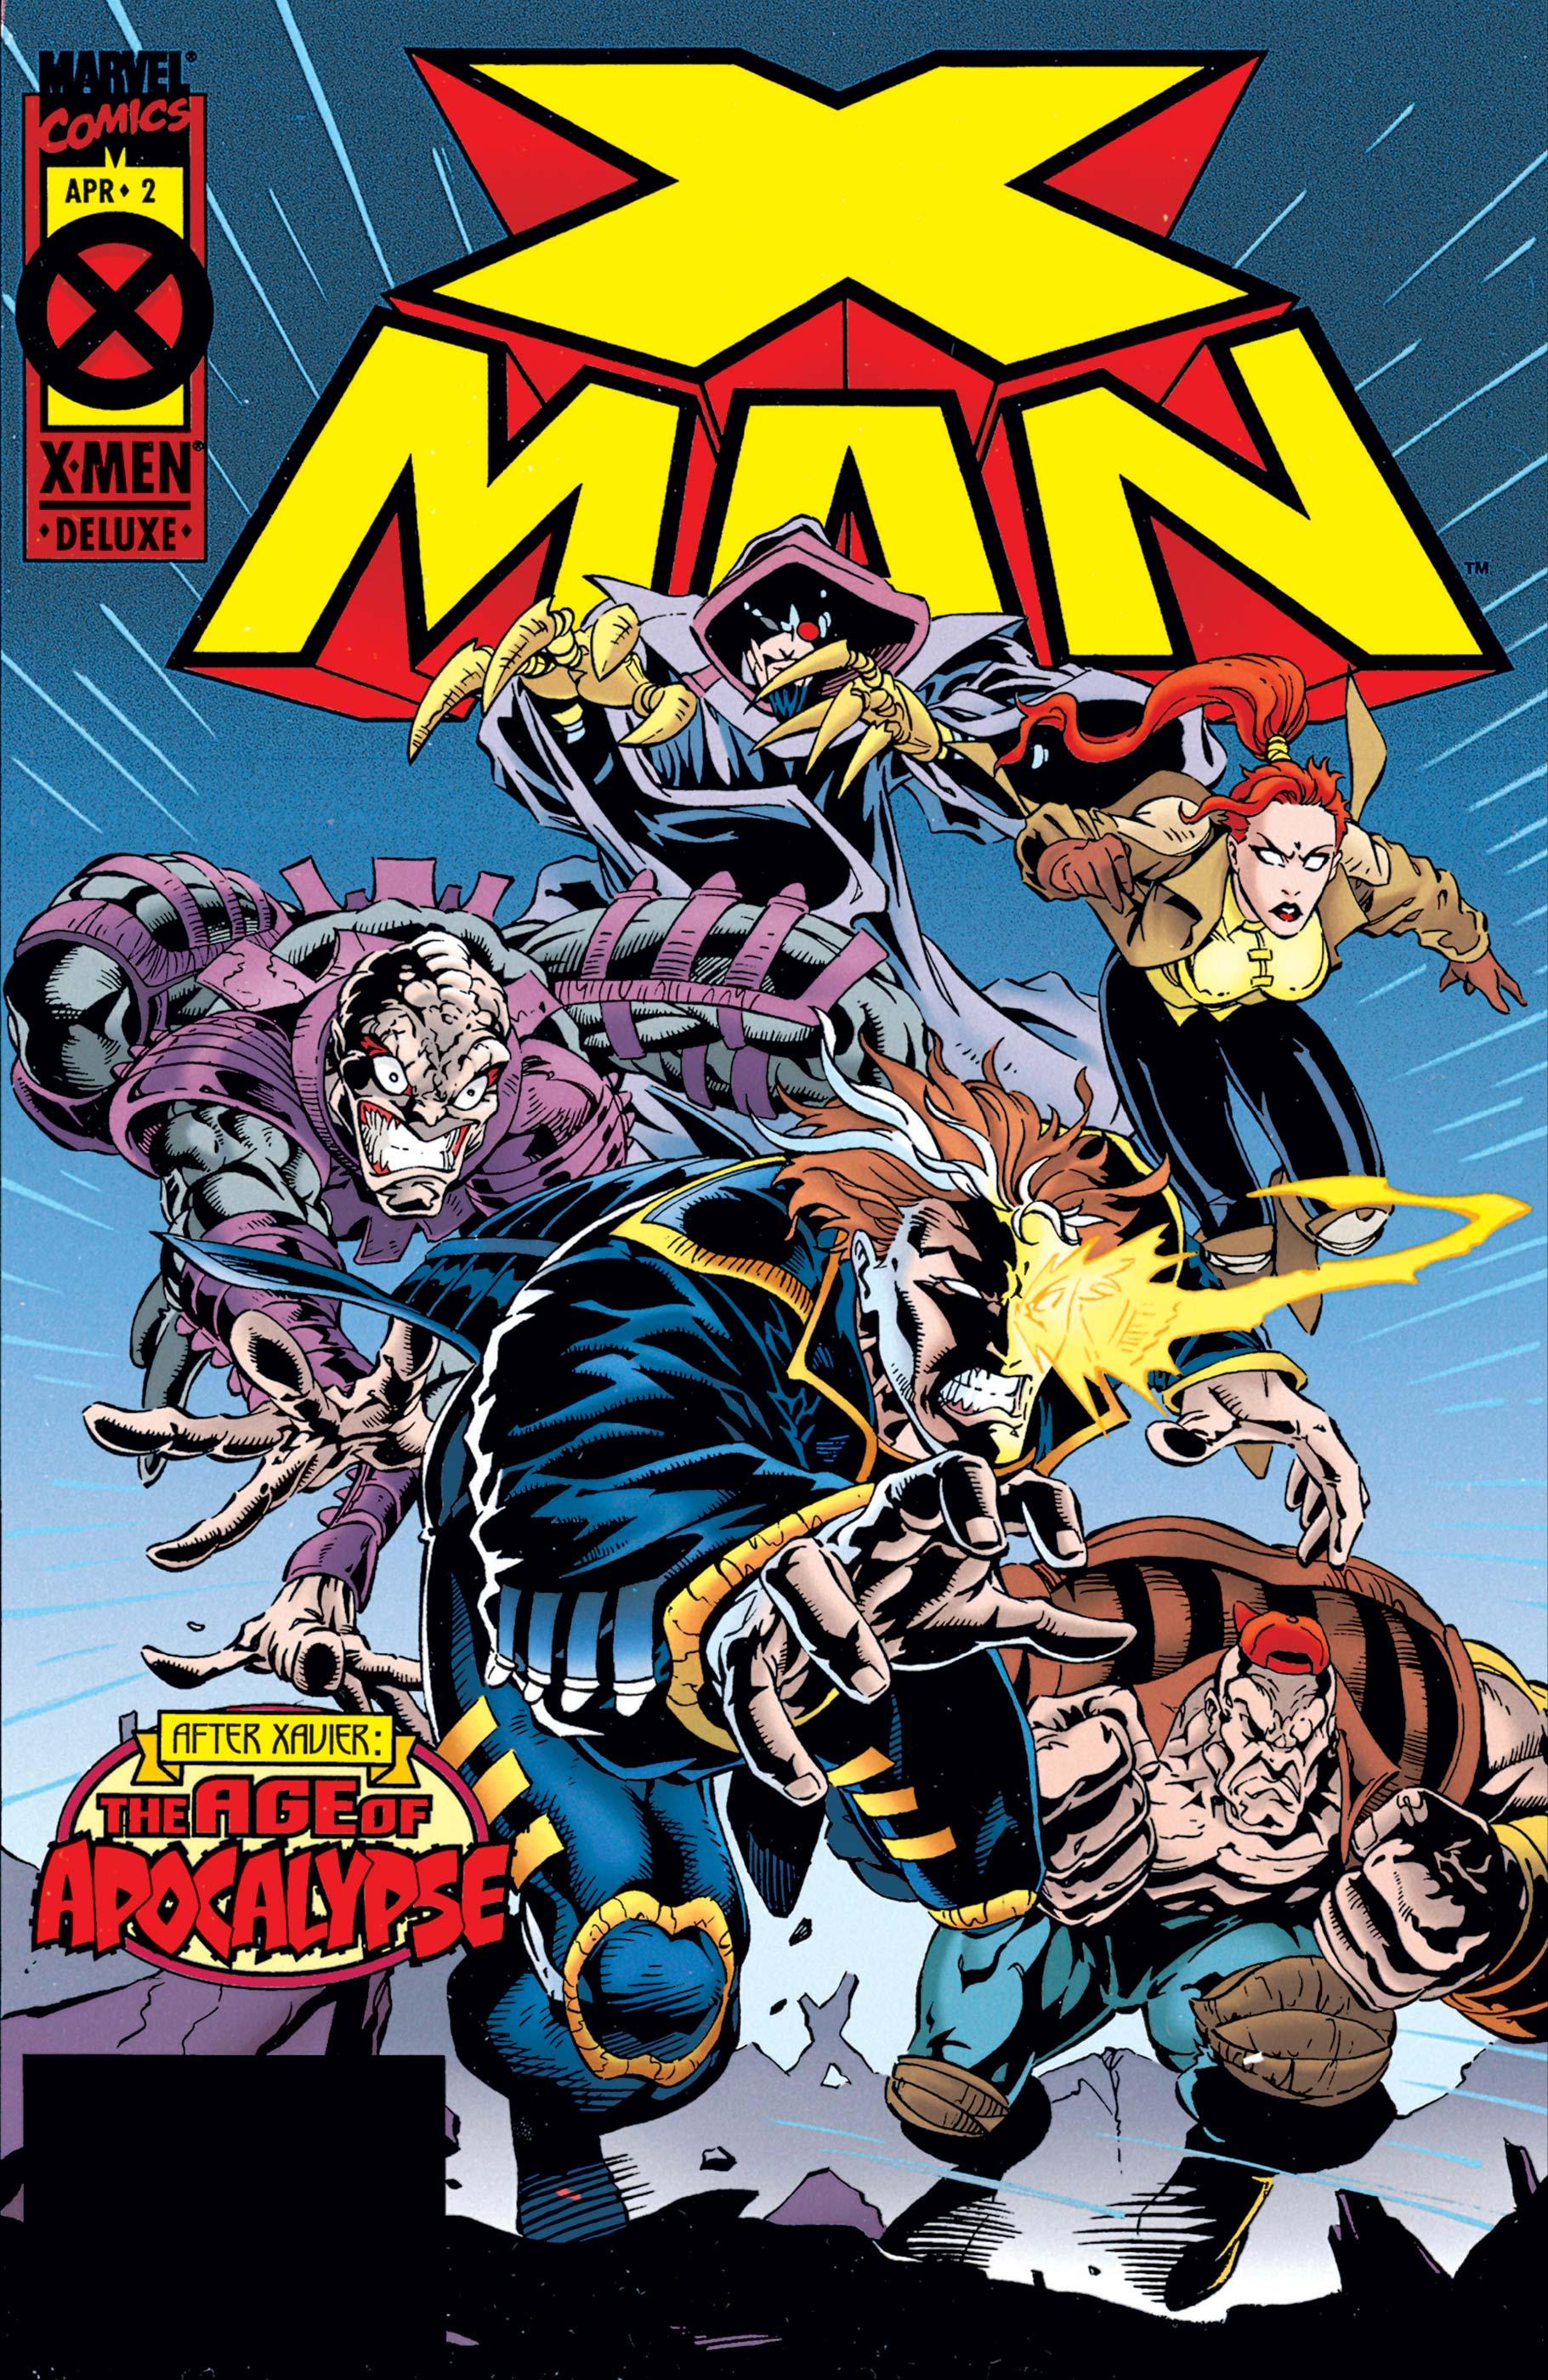 X-Man (1995) #2